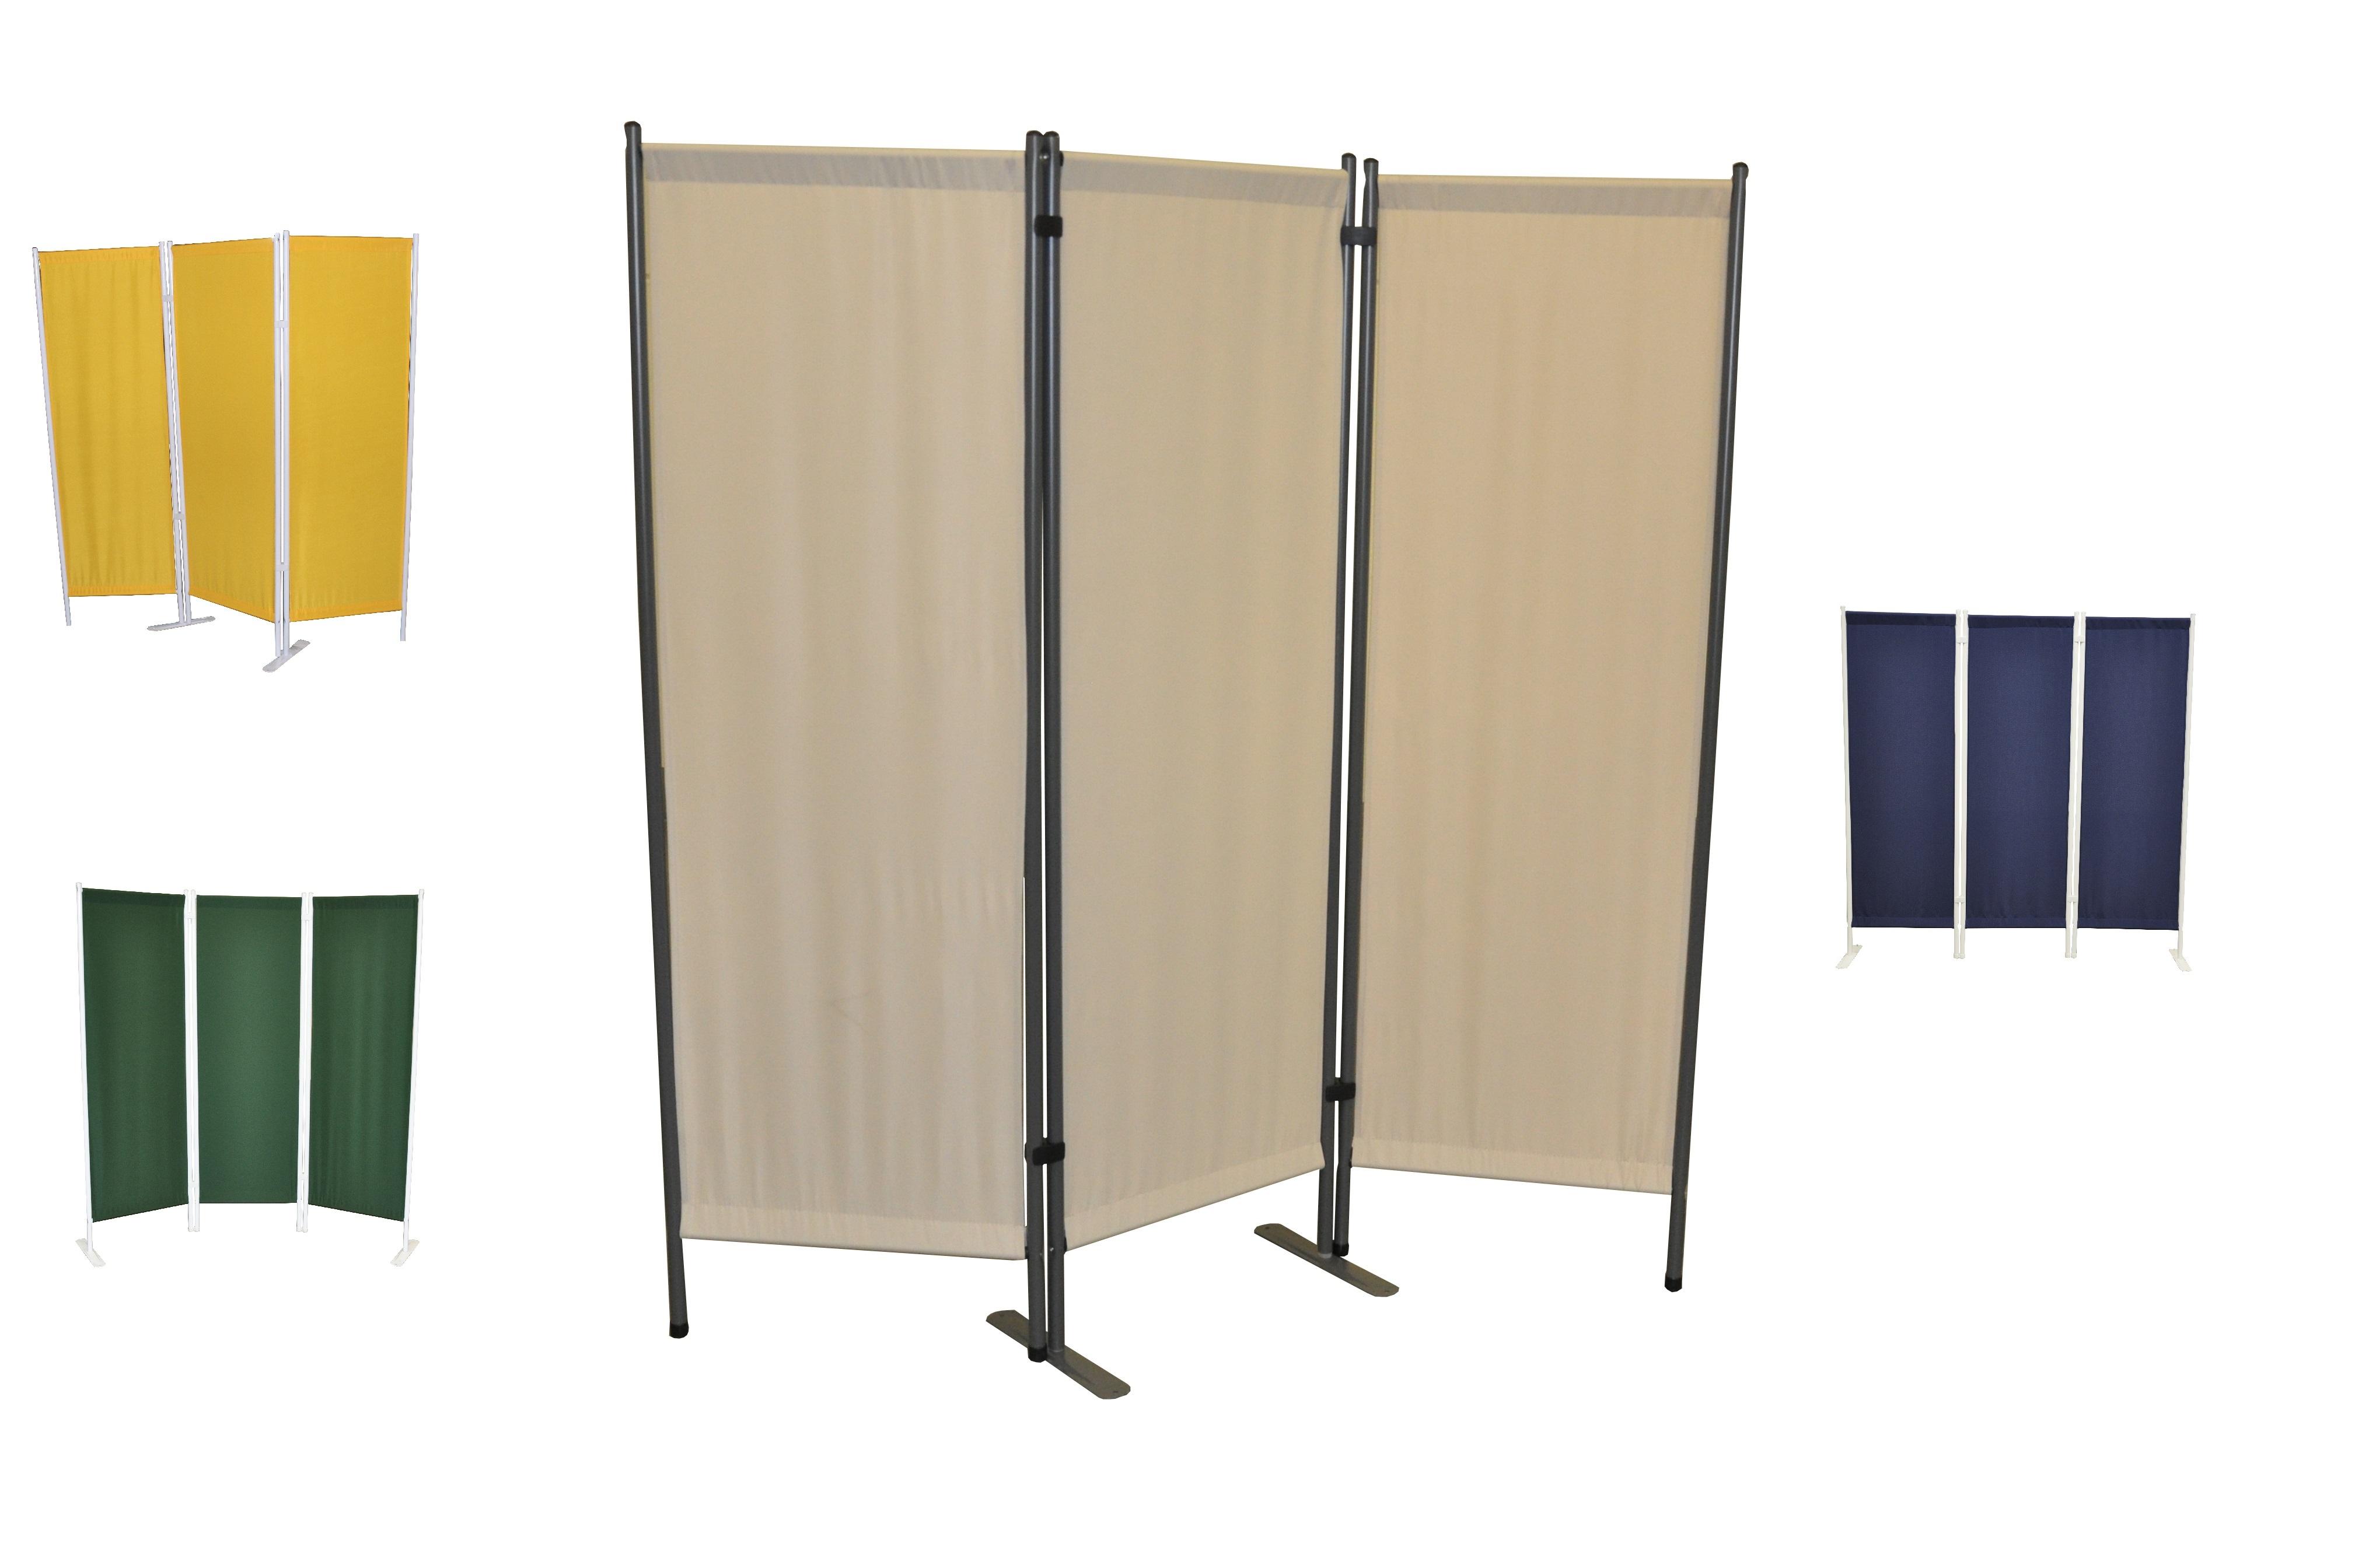 leco paravent verschiedene farben spanische wand sichtschutz markise ebay. Black Bedroom Furniture Sets. Home Design Ideas